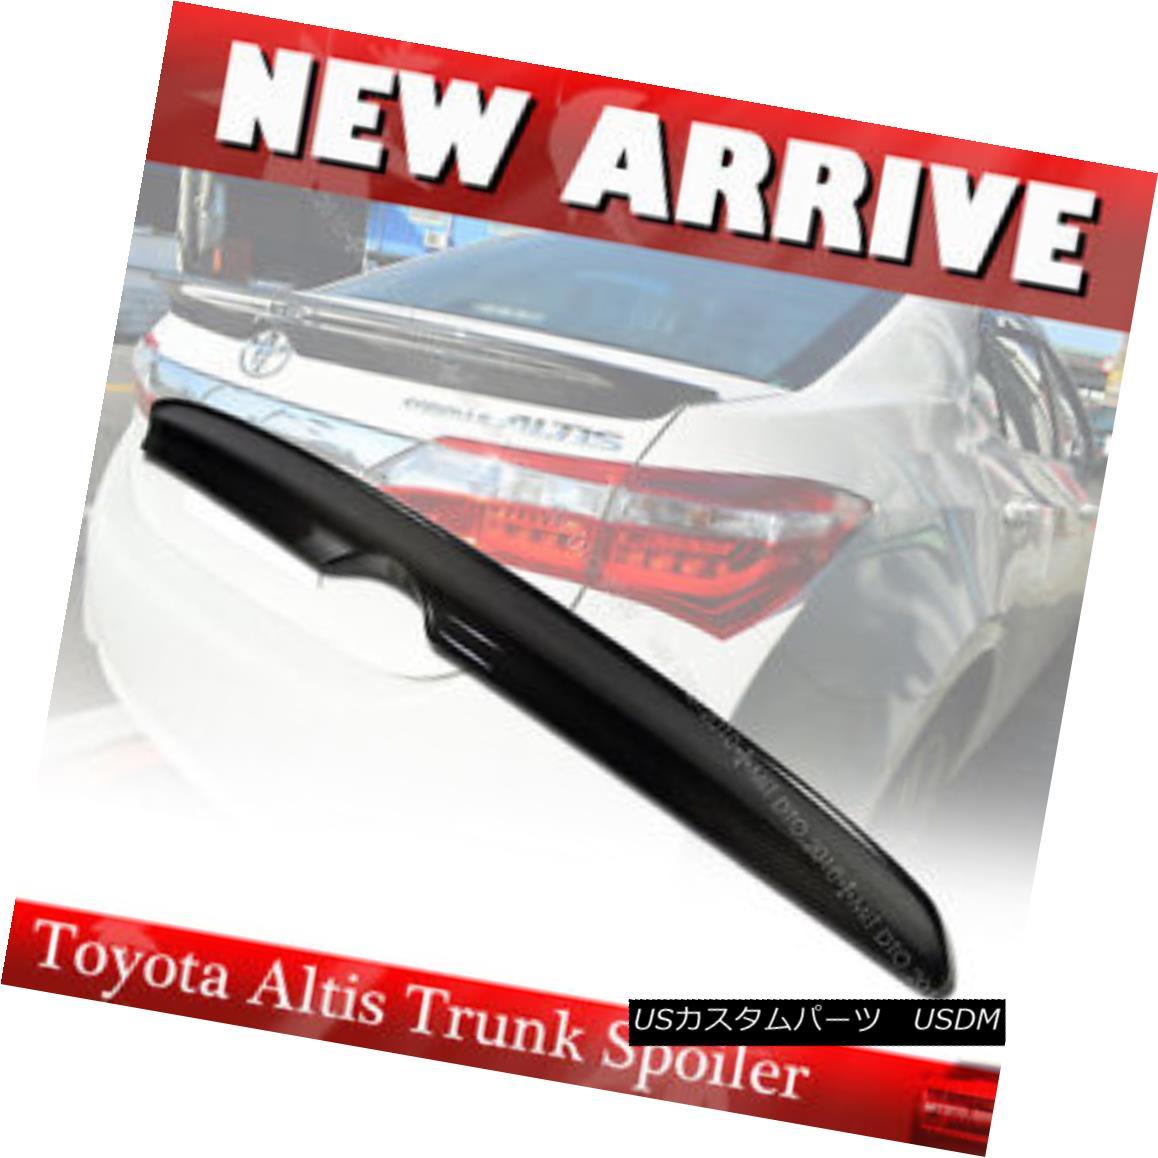 エアロパーツ For Toyota Altis Corolla 2014-2016 EUR 4DR Sedan Rear Trunk Spoiler Carbon Fiber トヨタAltis Corolla 2014-2016 EUR 4DRセダンリアトランクスポイラーカーボンファイバー